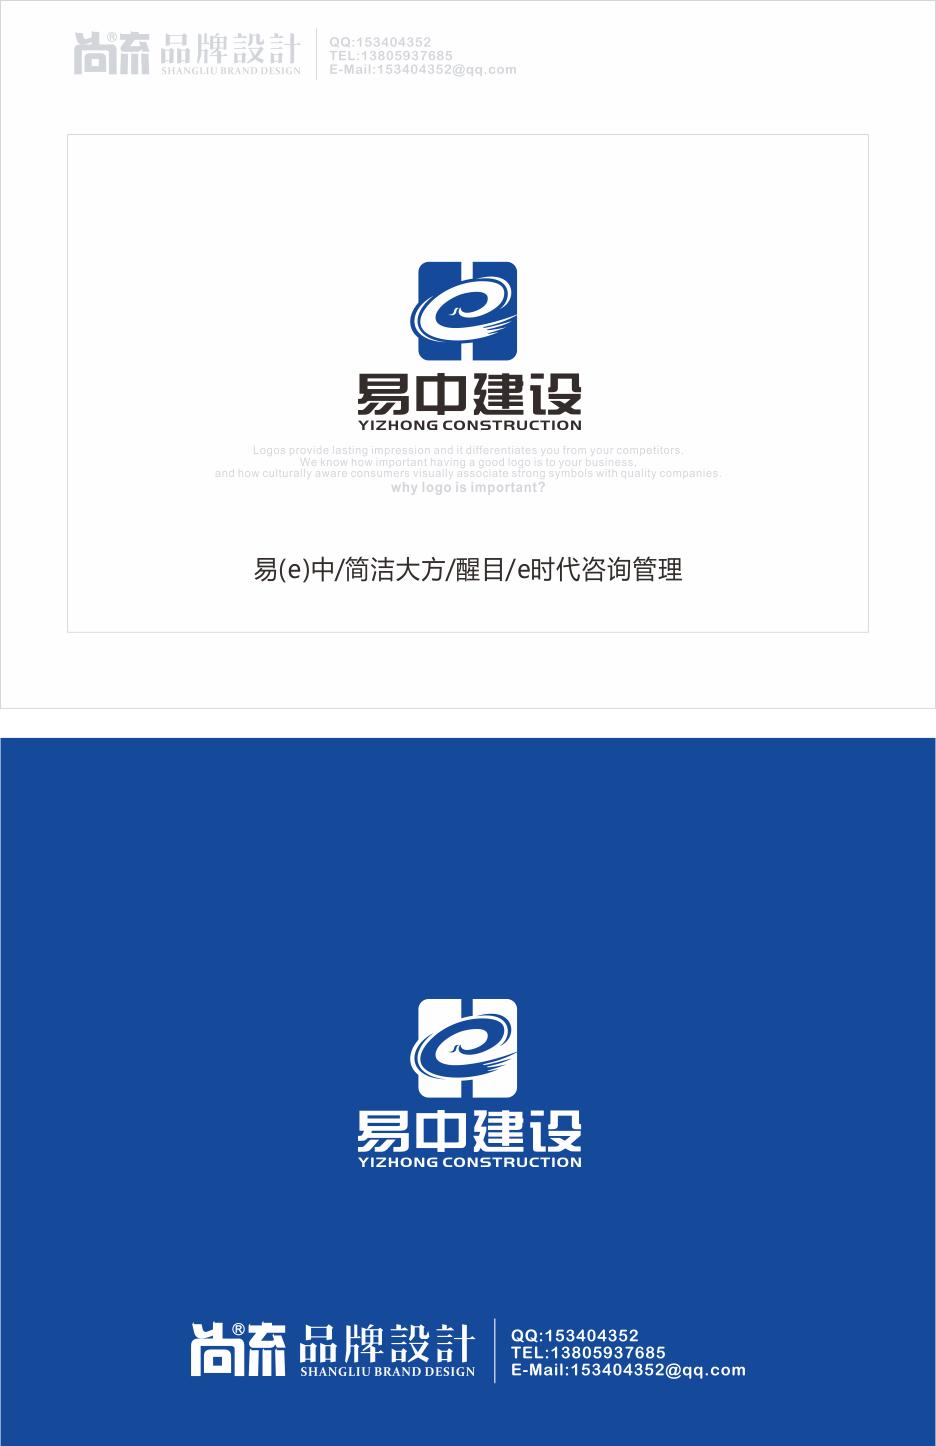 苏州易中建设咨询监理有限公司logo及名片设计